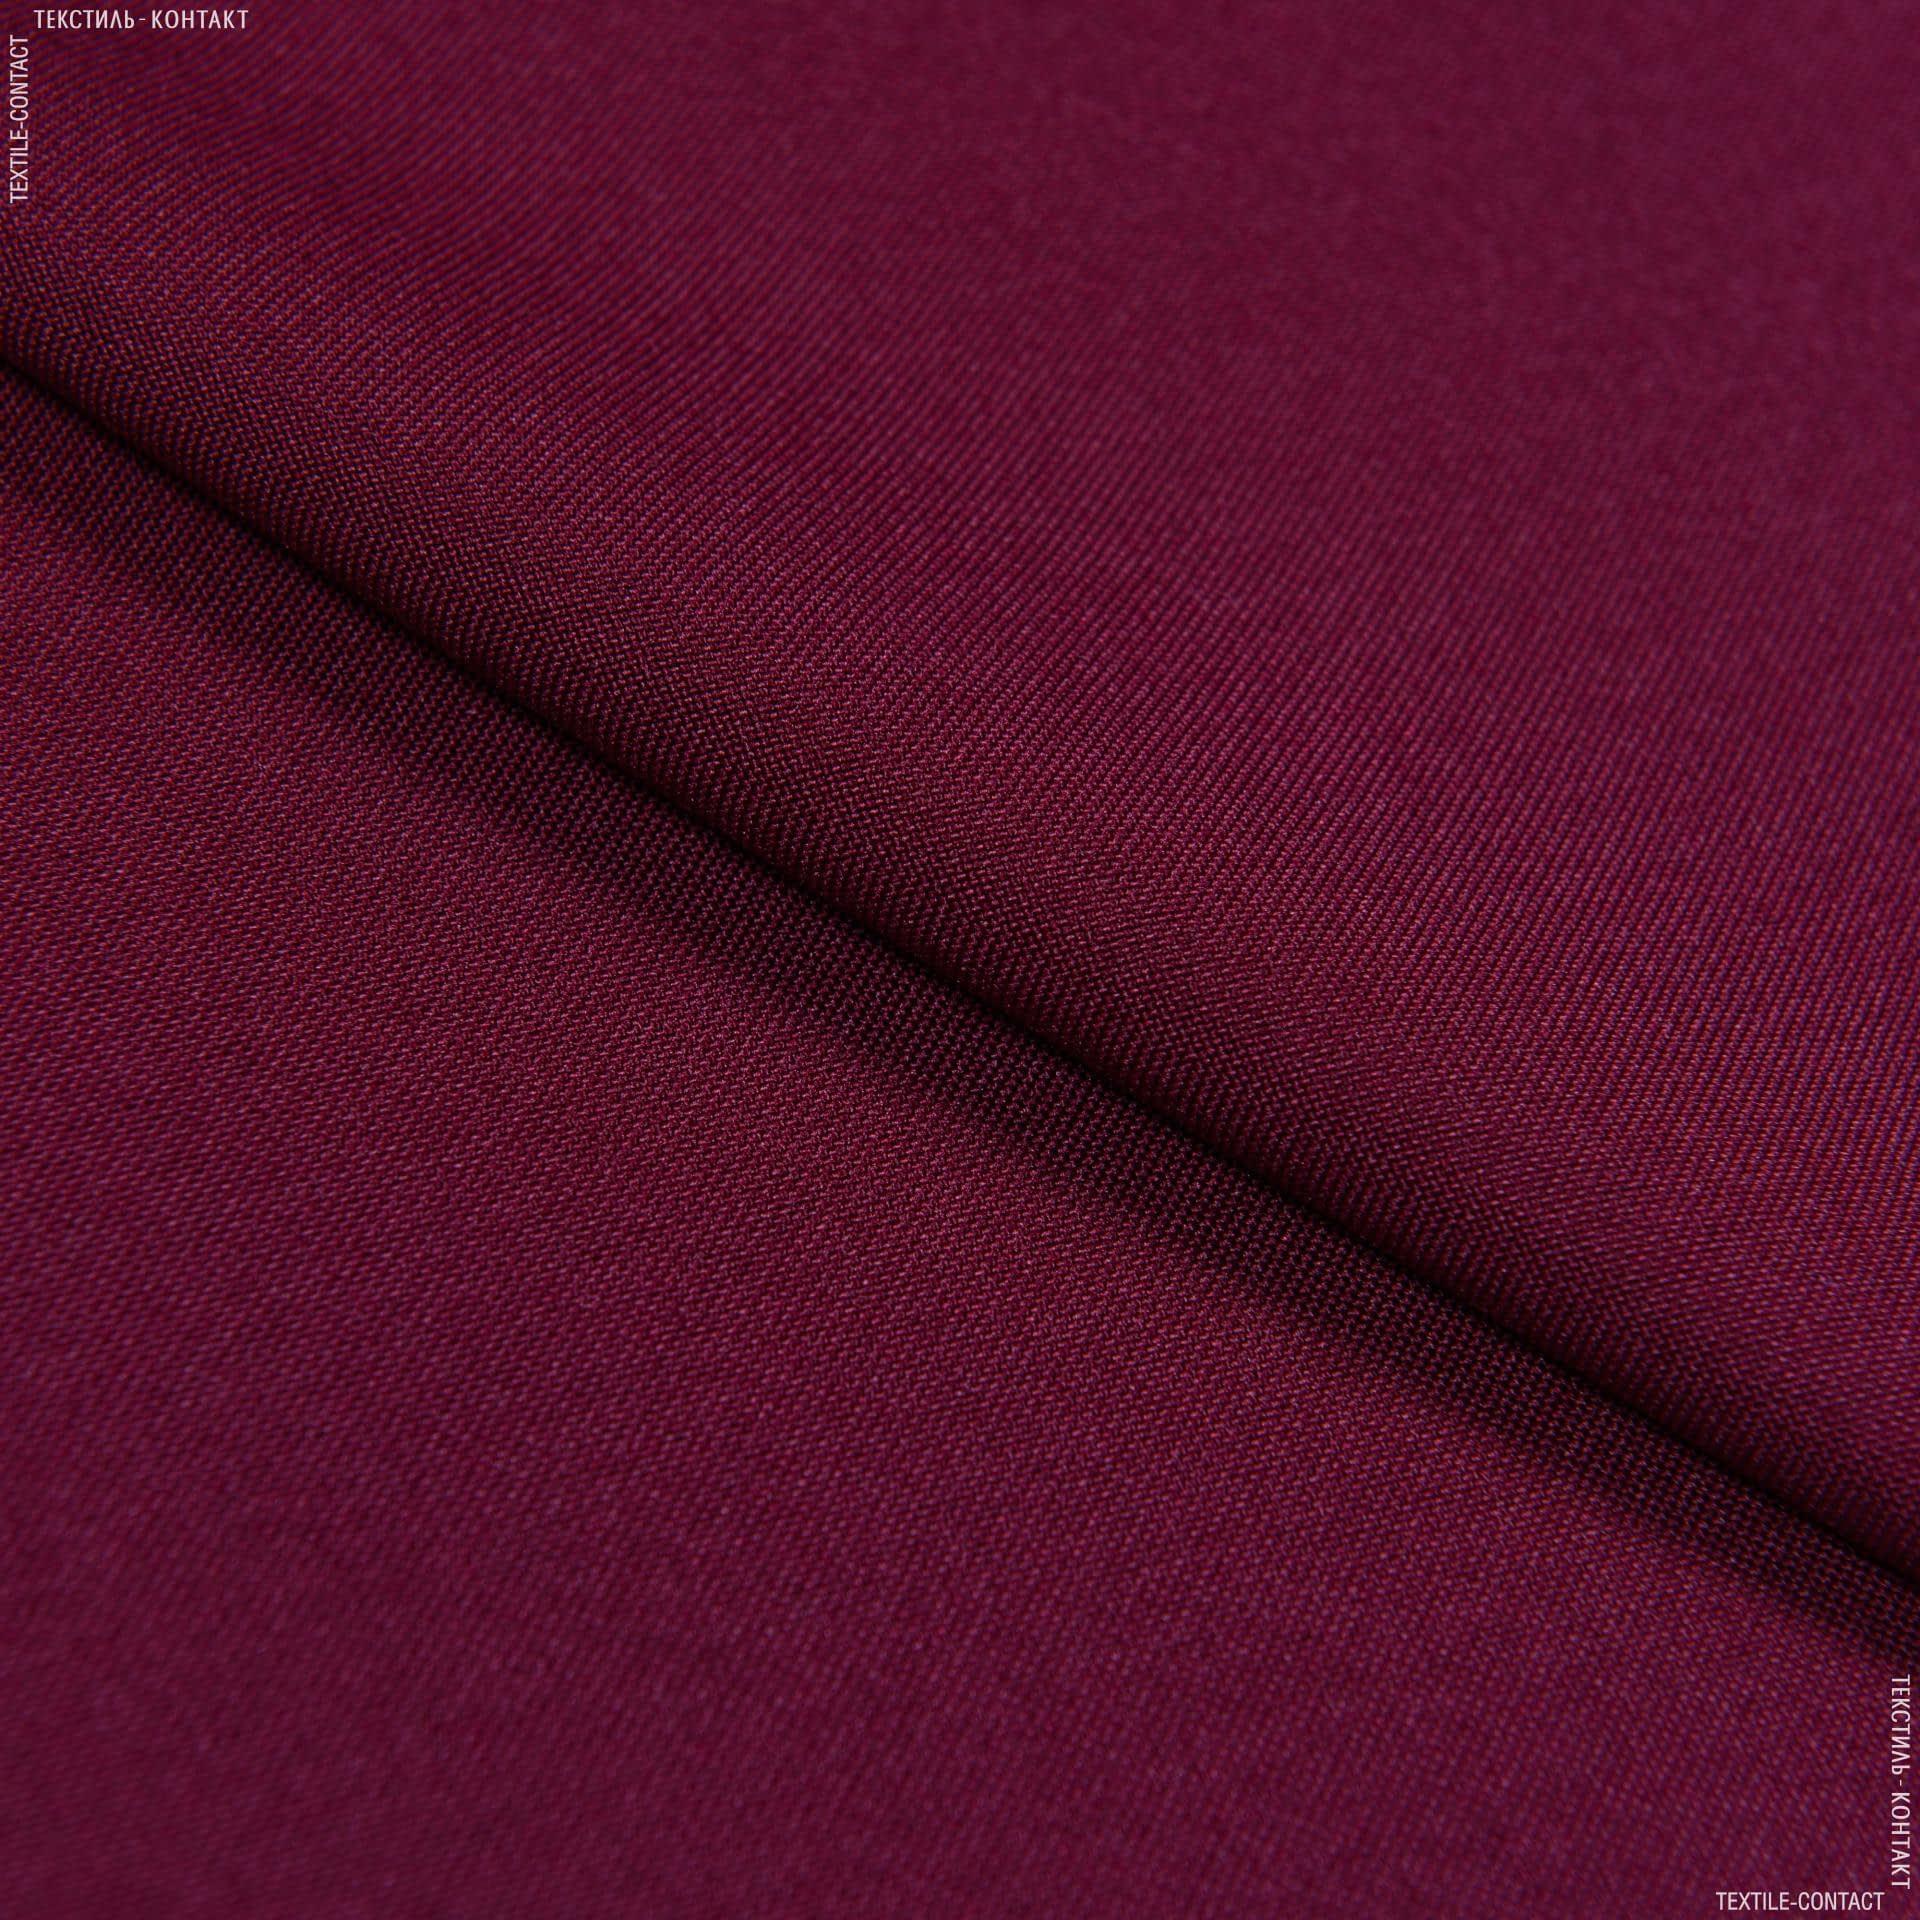 Тканини для штанів - Габардин бордовий